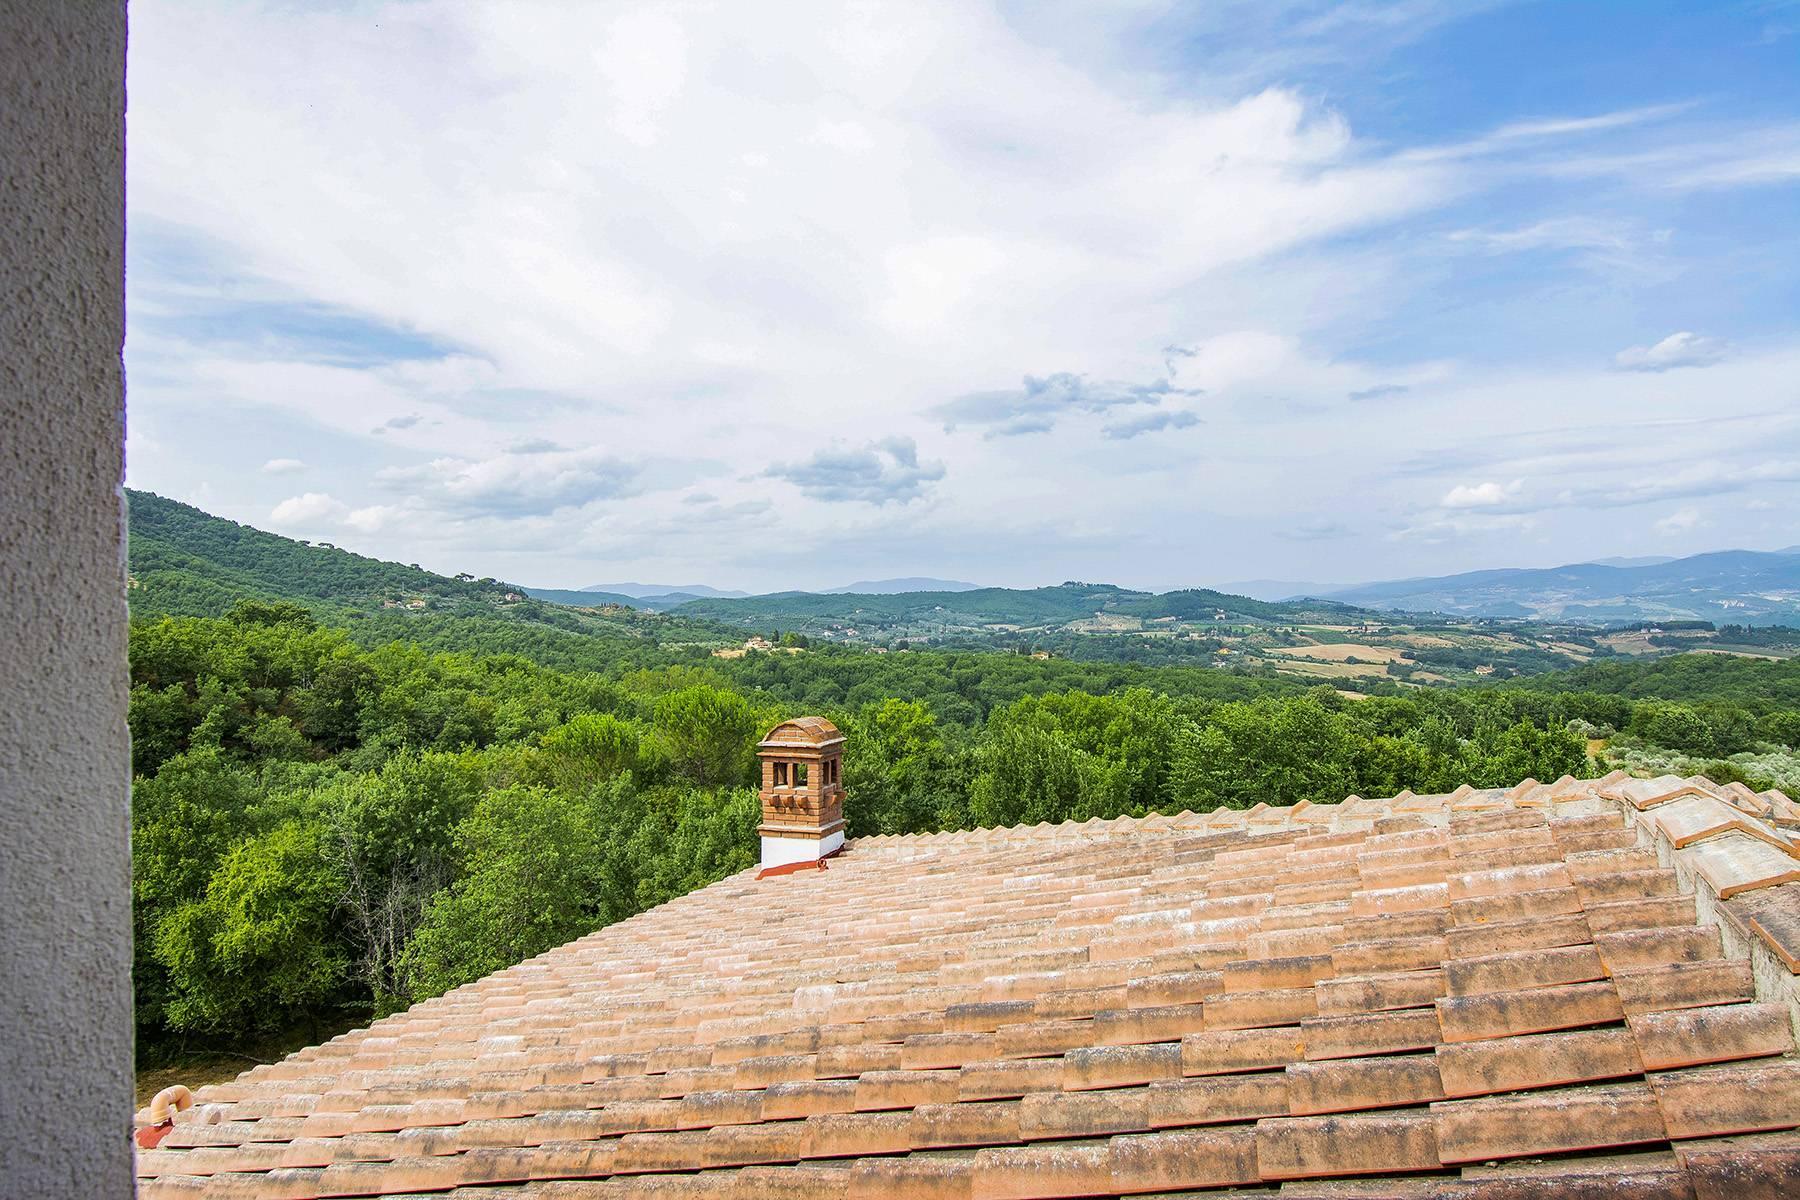 Panorama-Renaissance-Villa mit Garten im italienischen Stil - 31